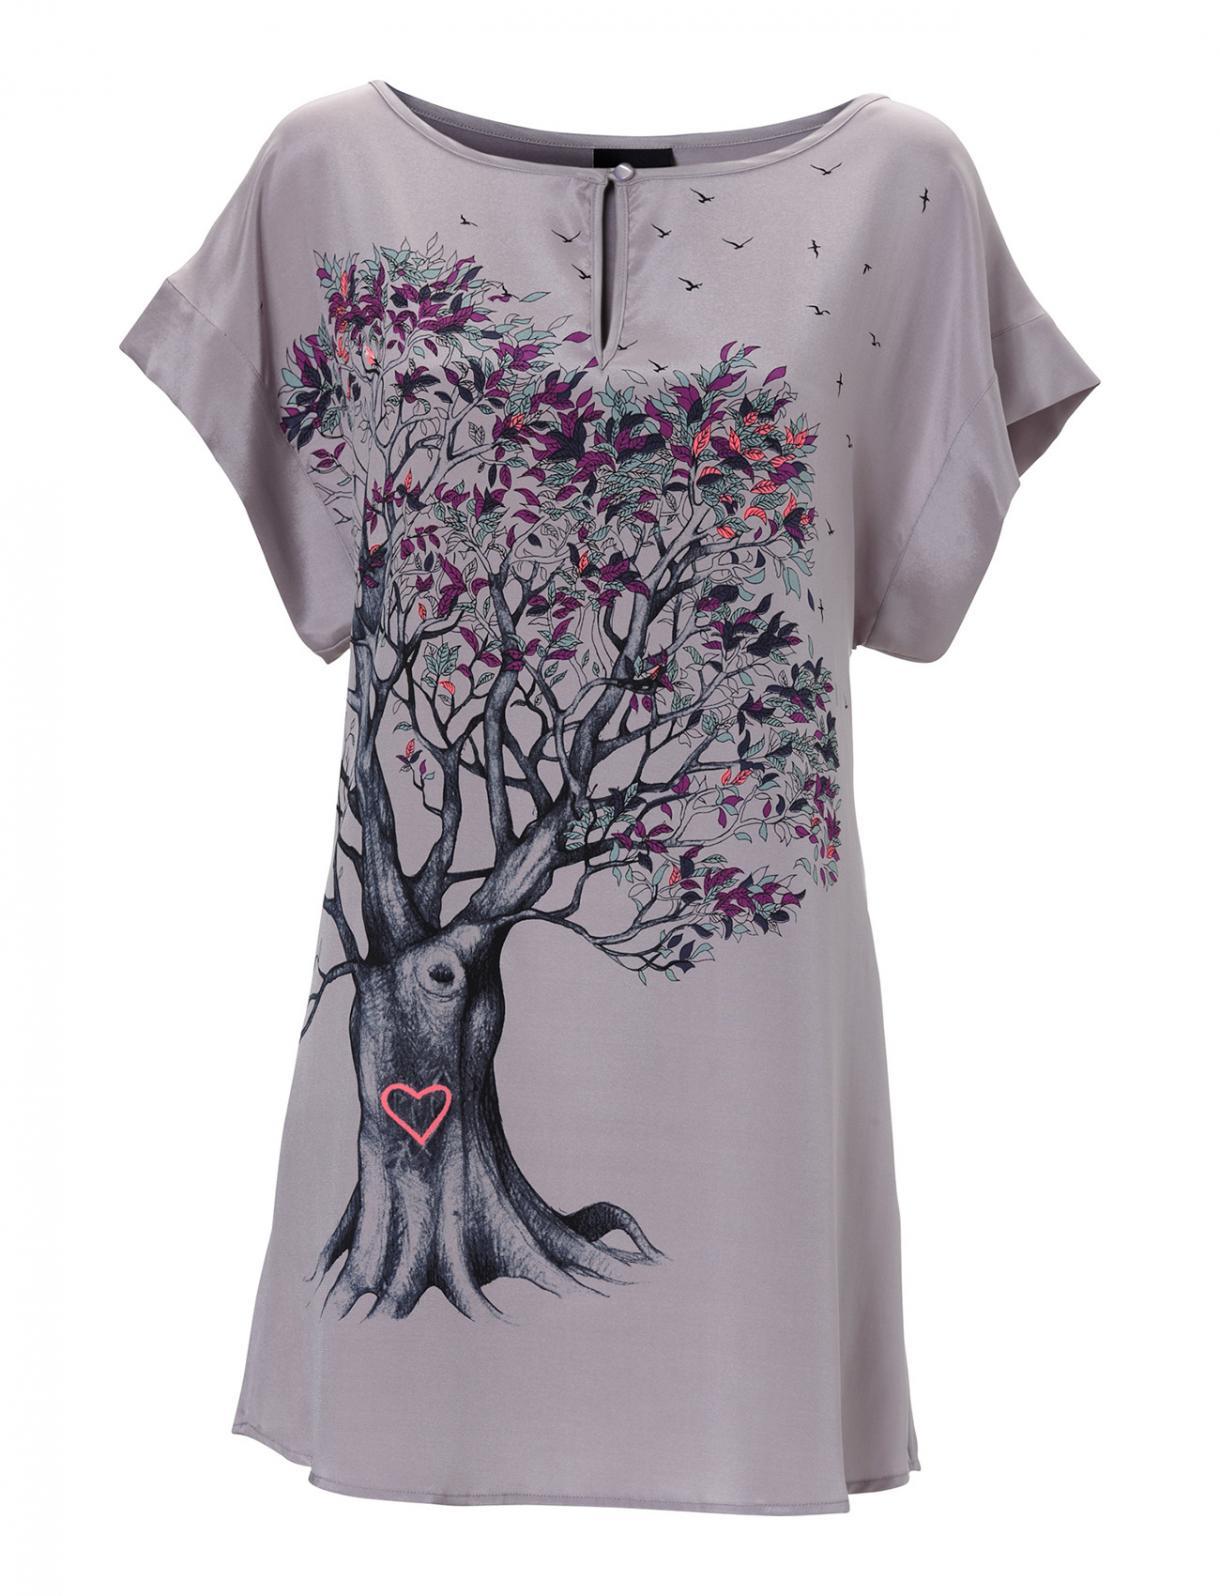 Fandt denne skønne kjole fra whiite med lækkert grafisk print på